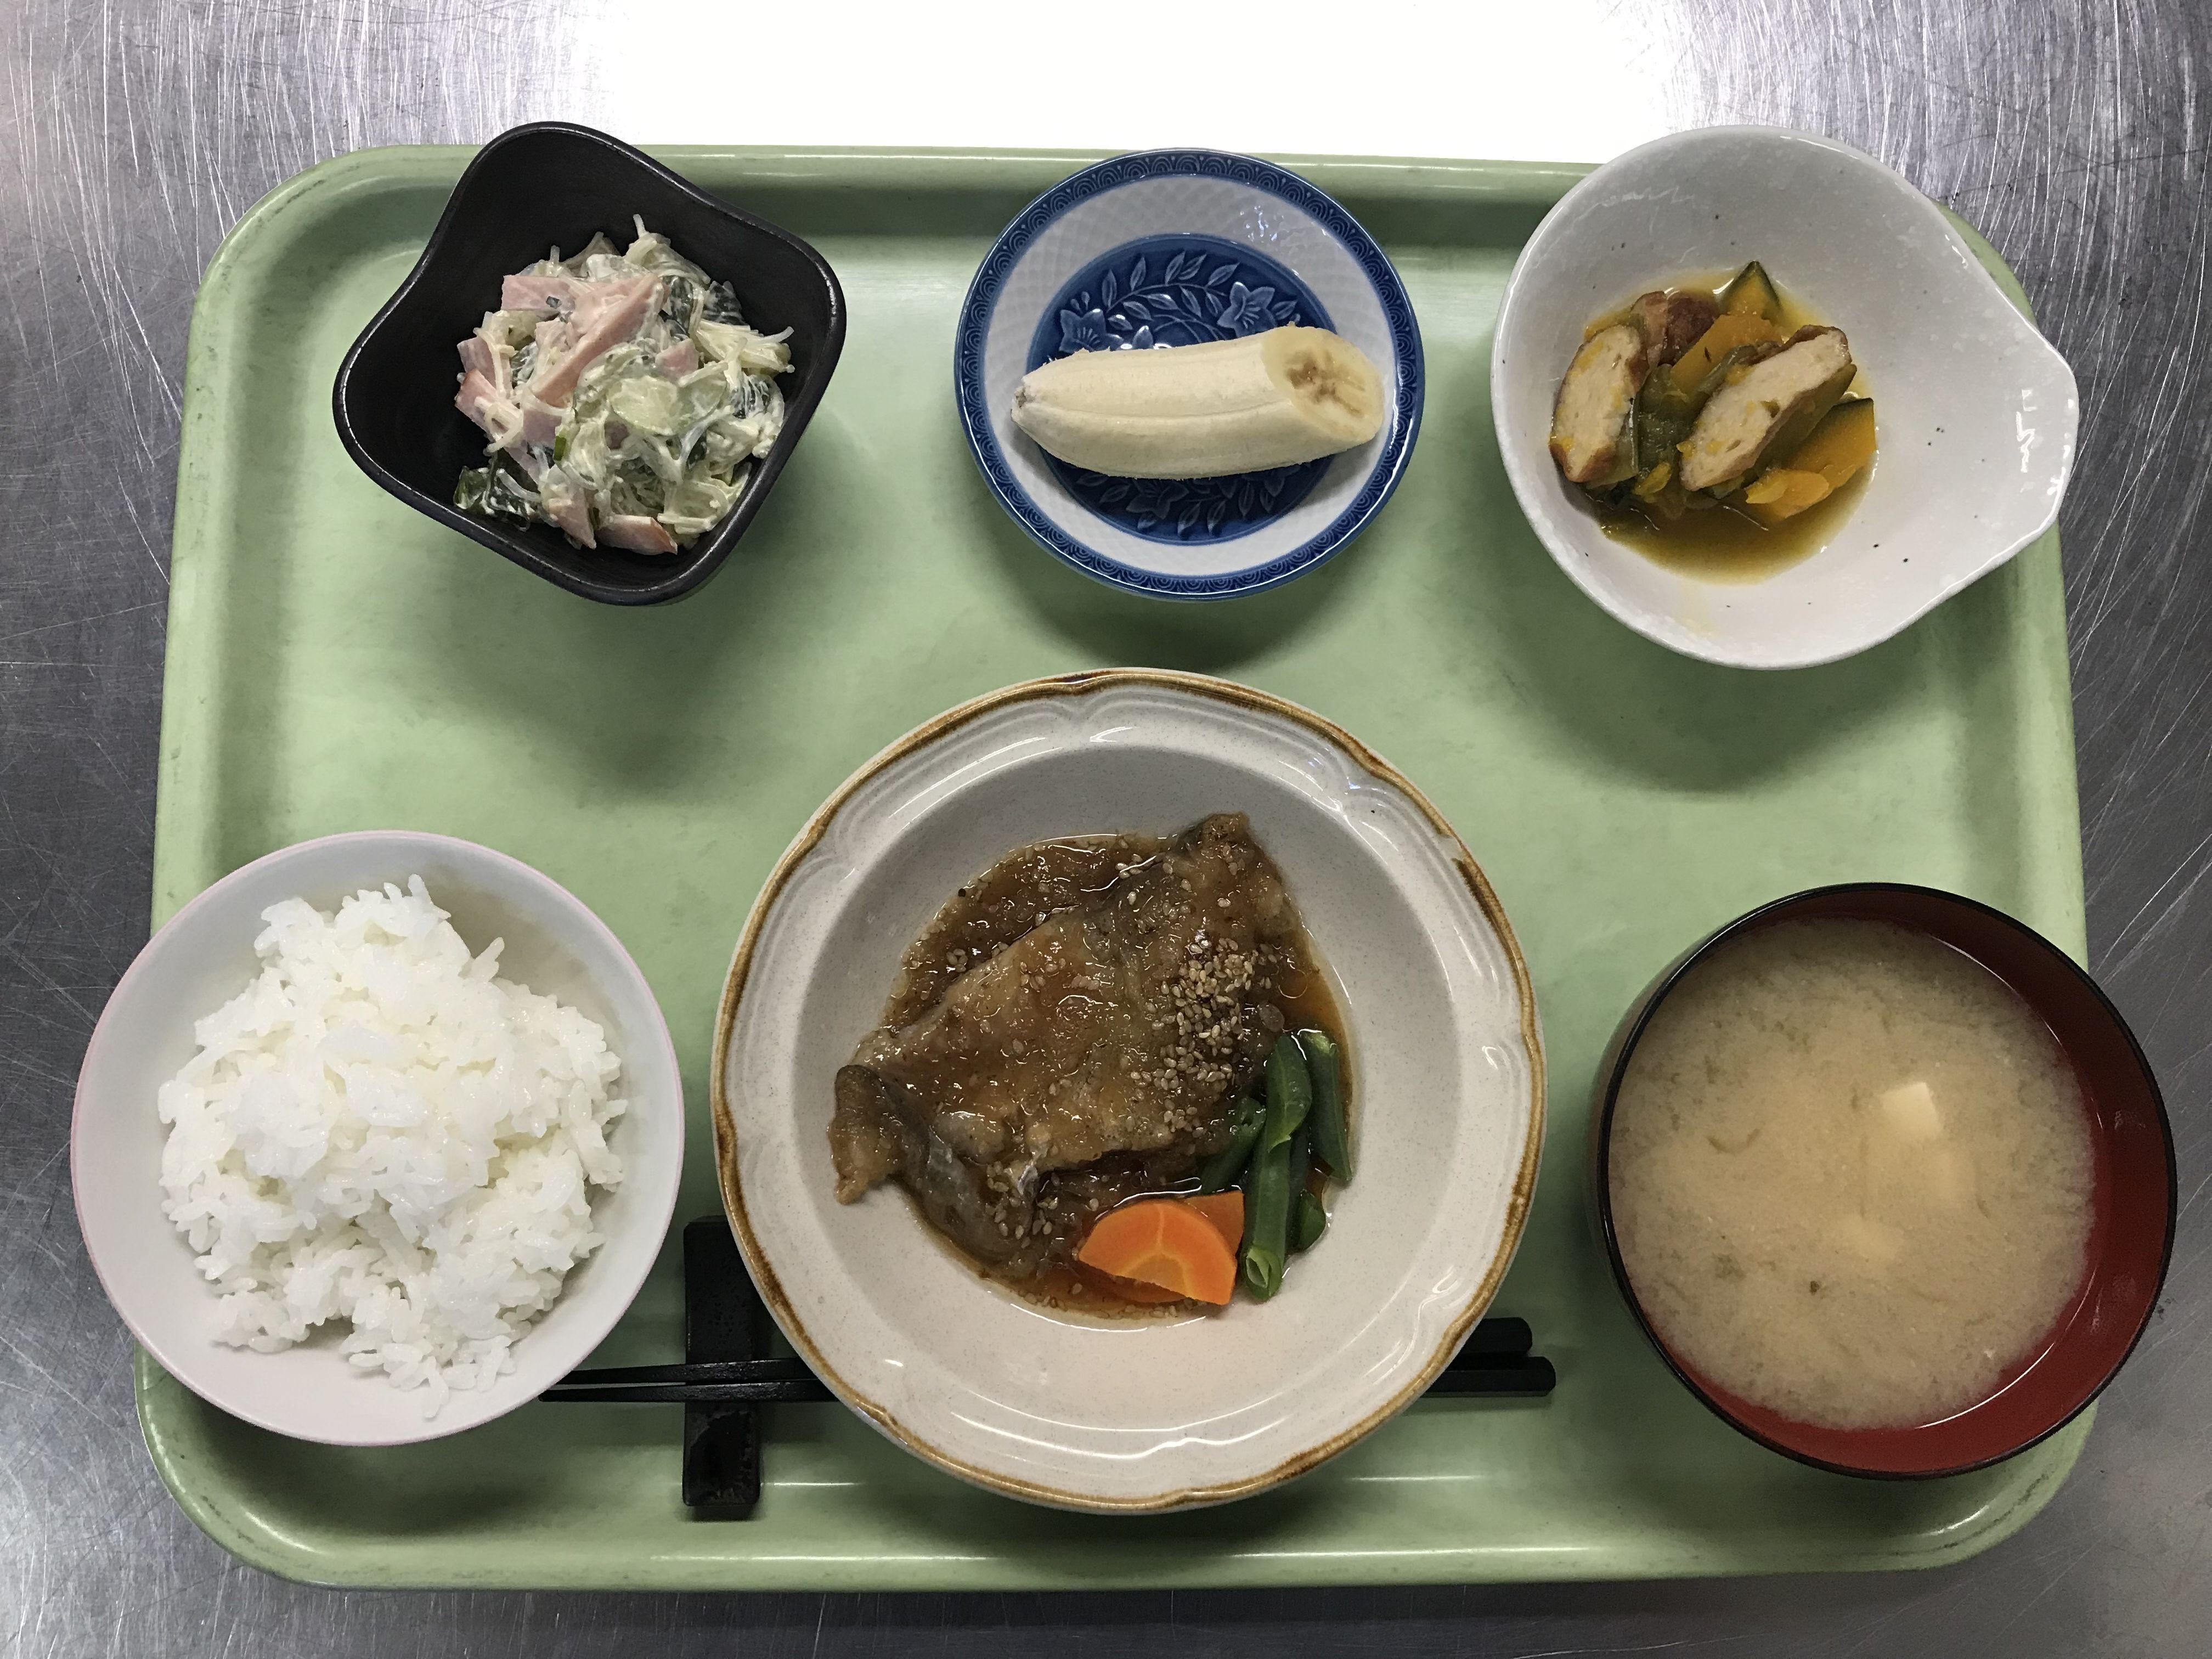 たらの揚げごま風味煮、かぼちゃと天ぷらの煮物、春雨サラダ、豆腐の味噌汁、バナナでした!たらの揚げごま風味煮が特に美味しかったです!648カロリーです